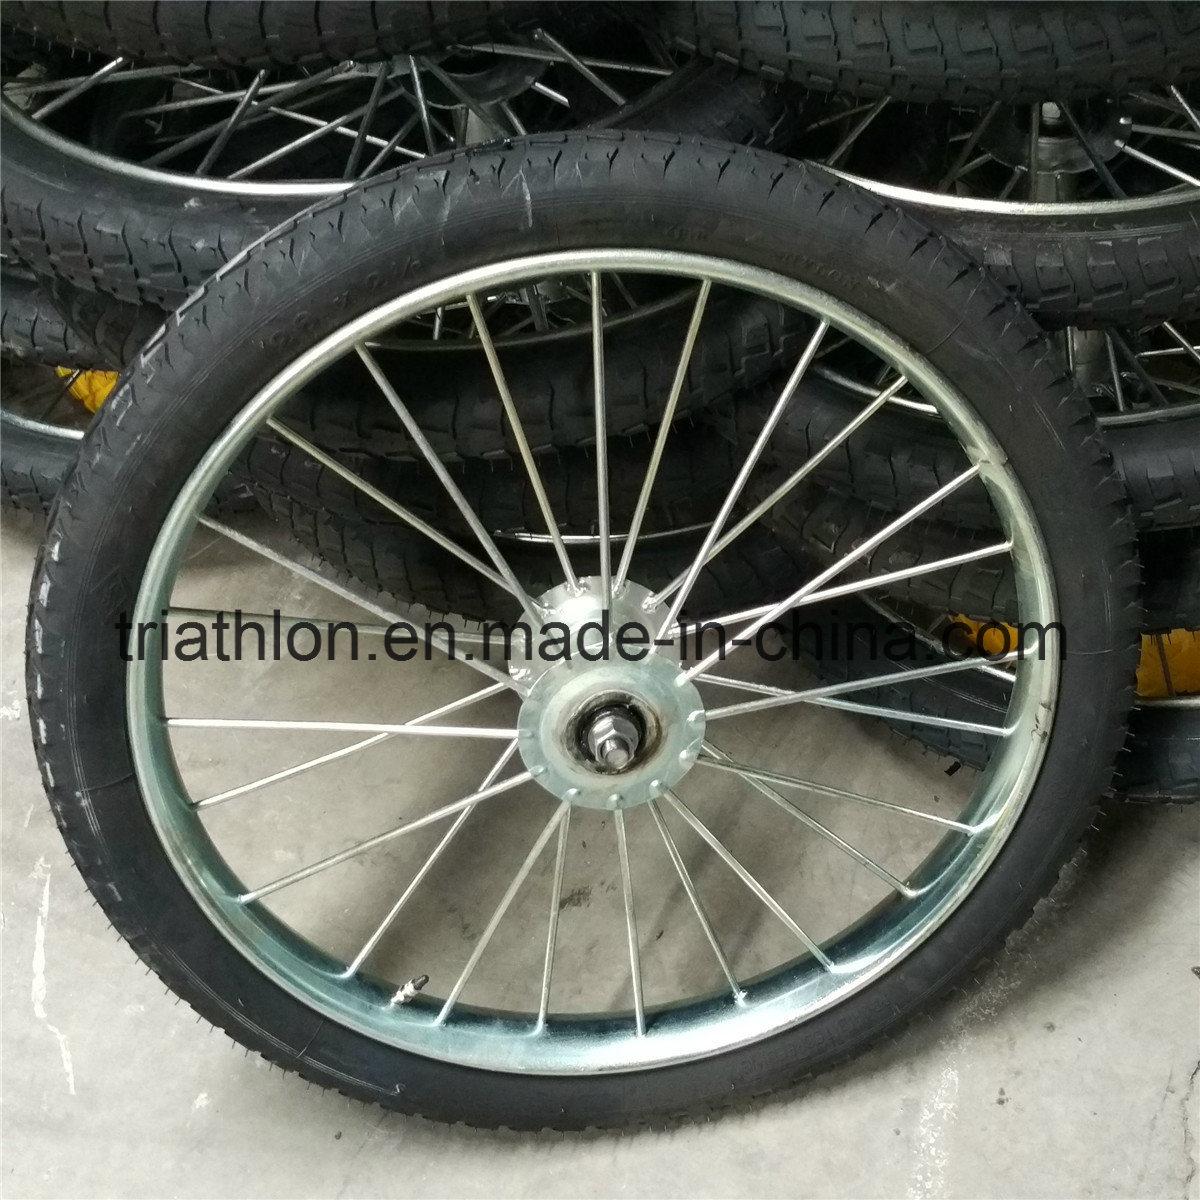 26X2.125 26X2 Flat Free PU Foam Solid Tire with Spoked Steel Rim